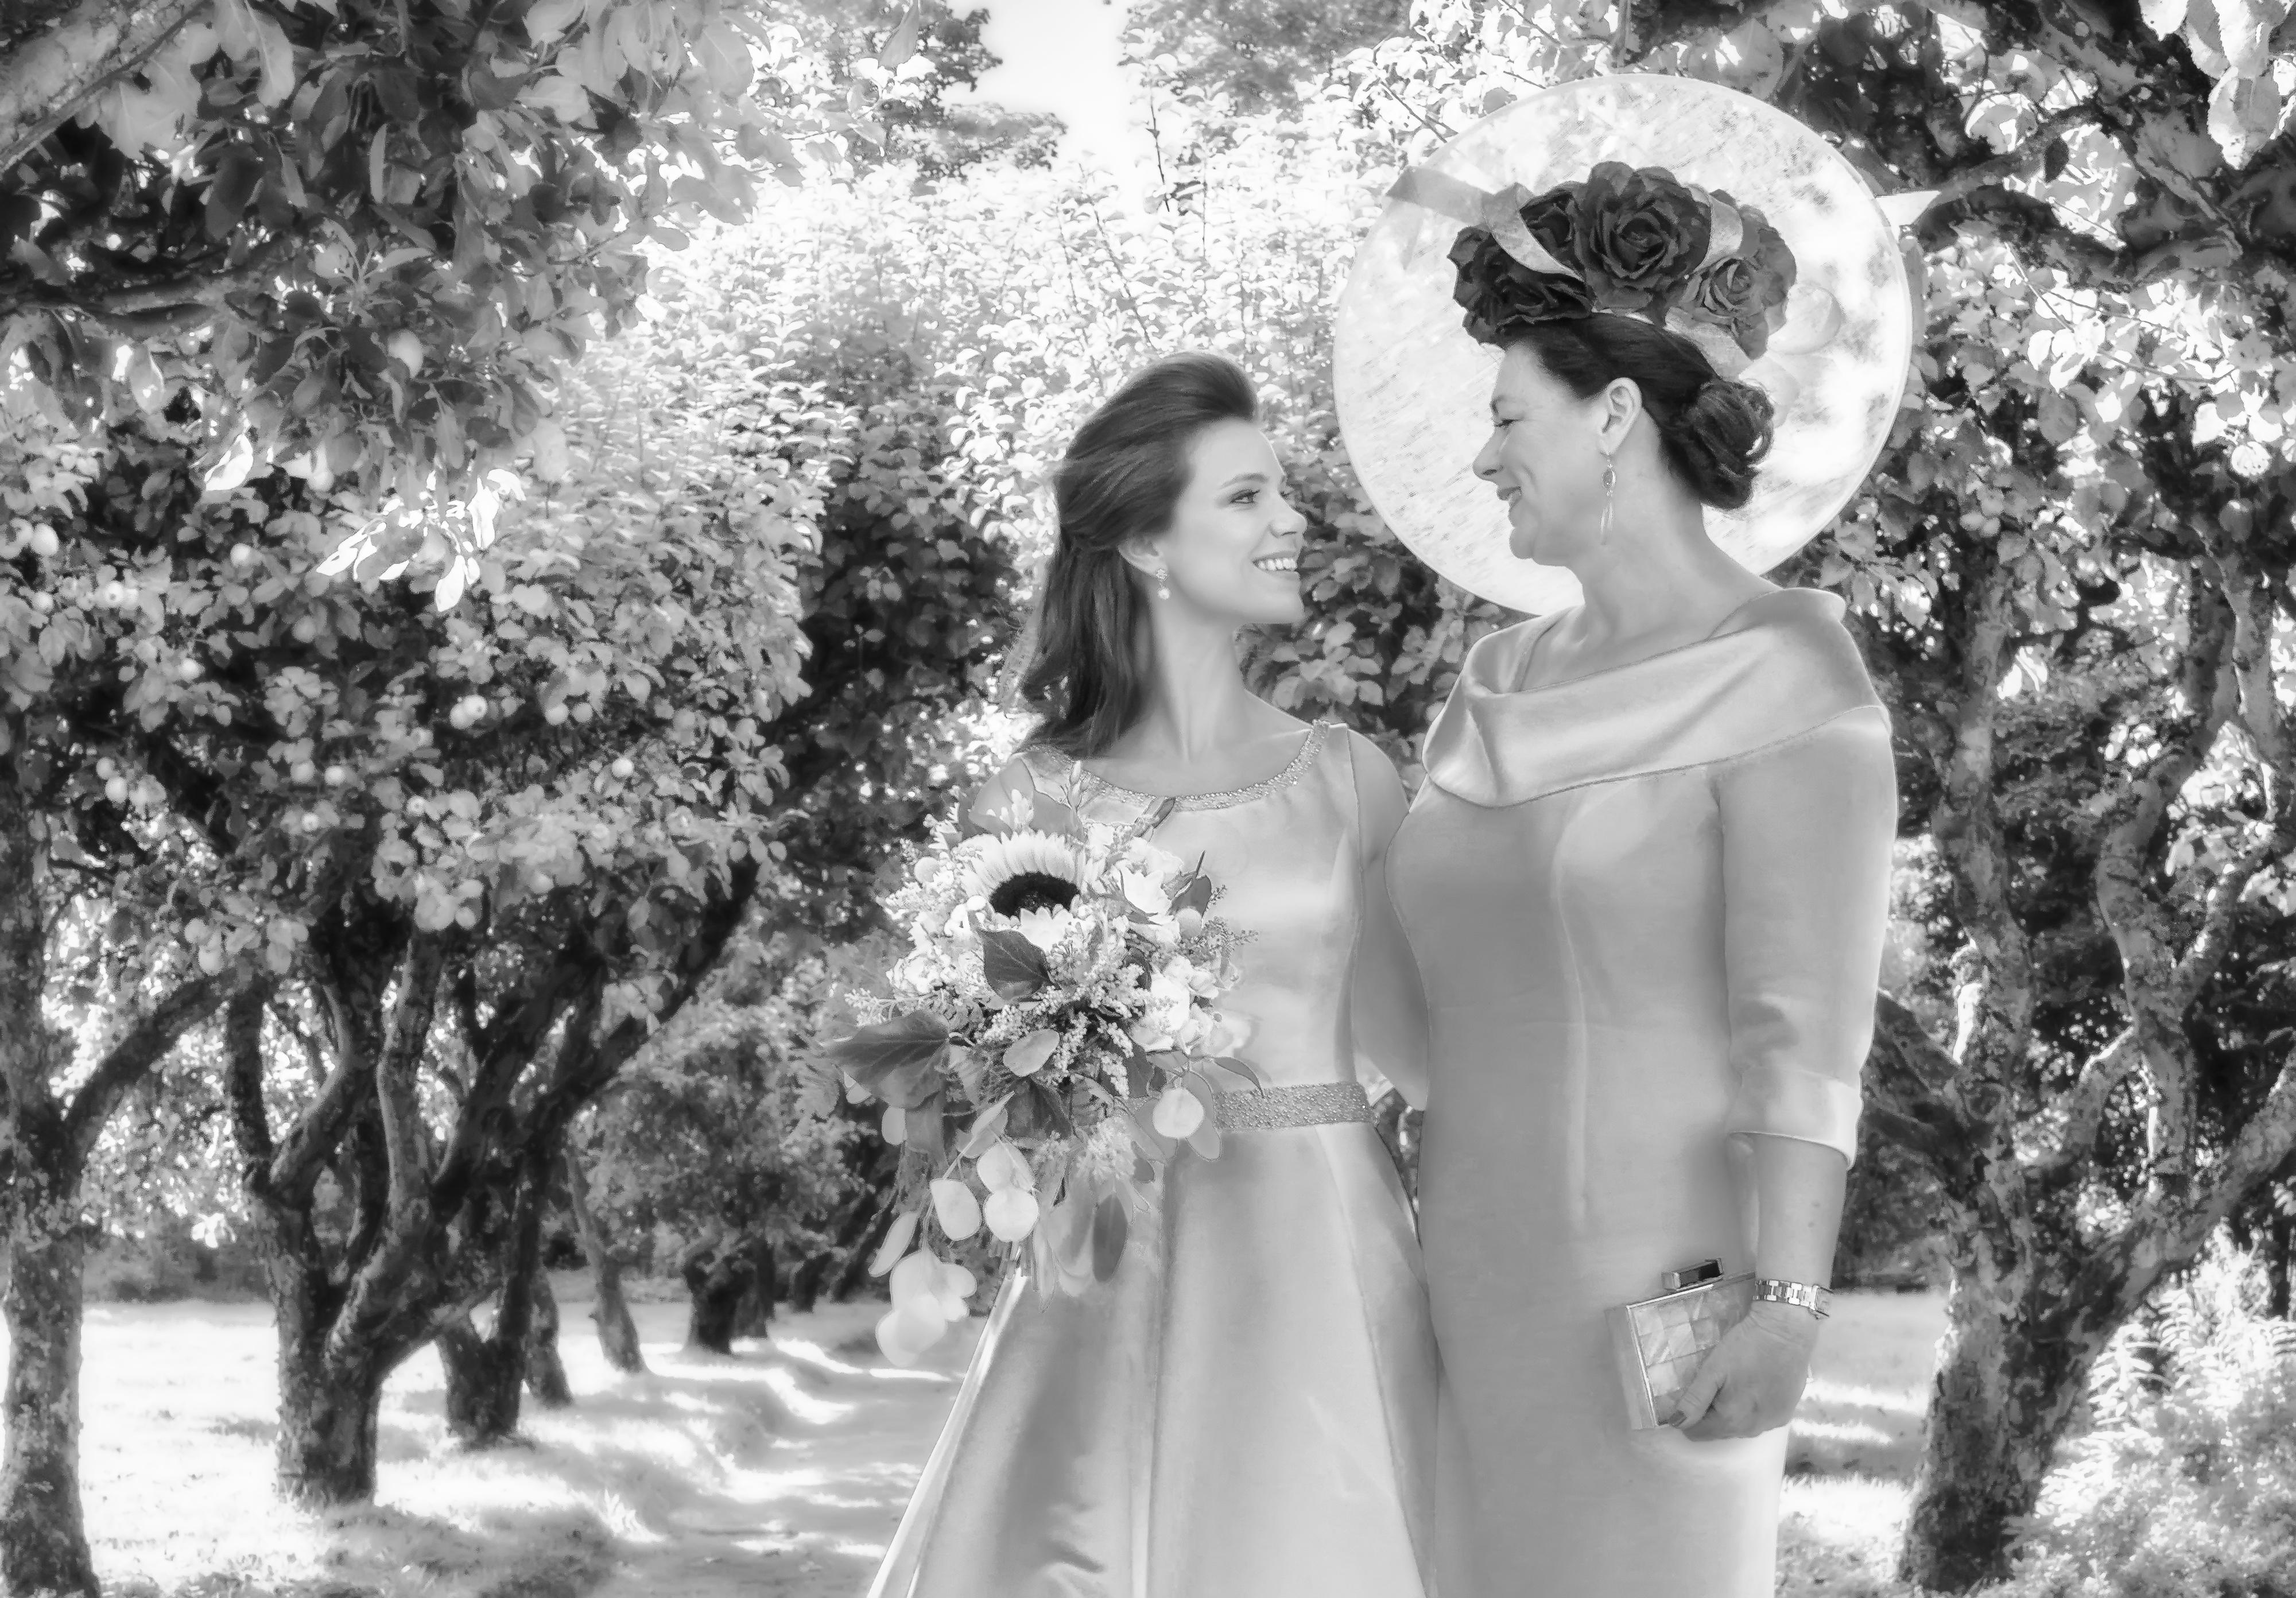 Weddings | Jonathan Cosens Photography, Freelance